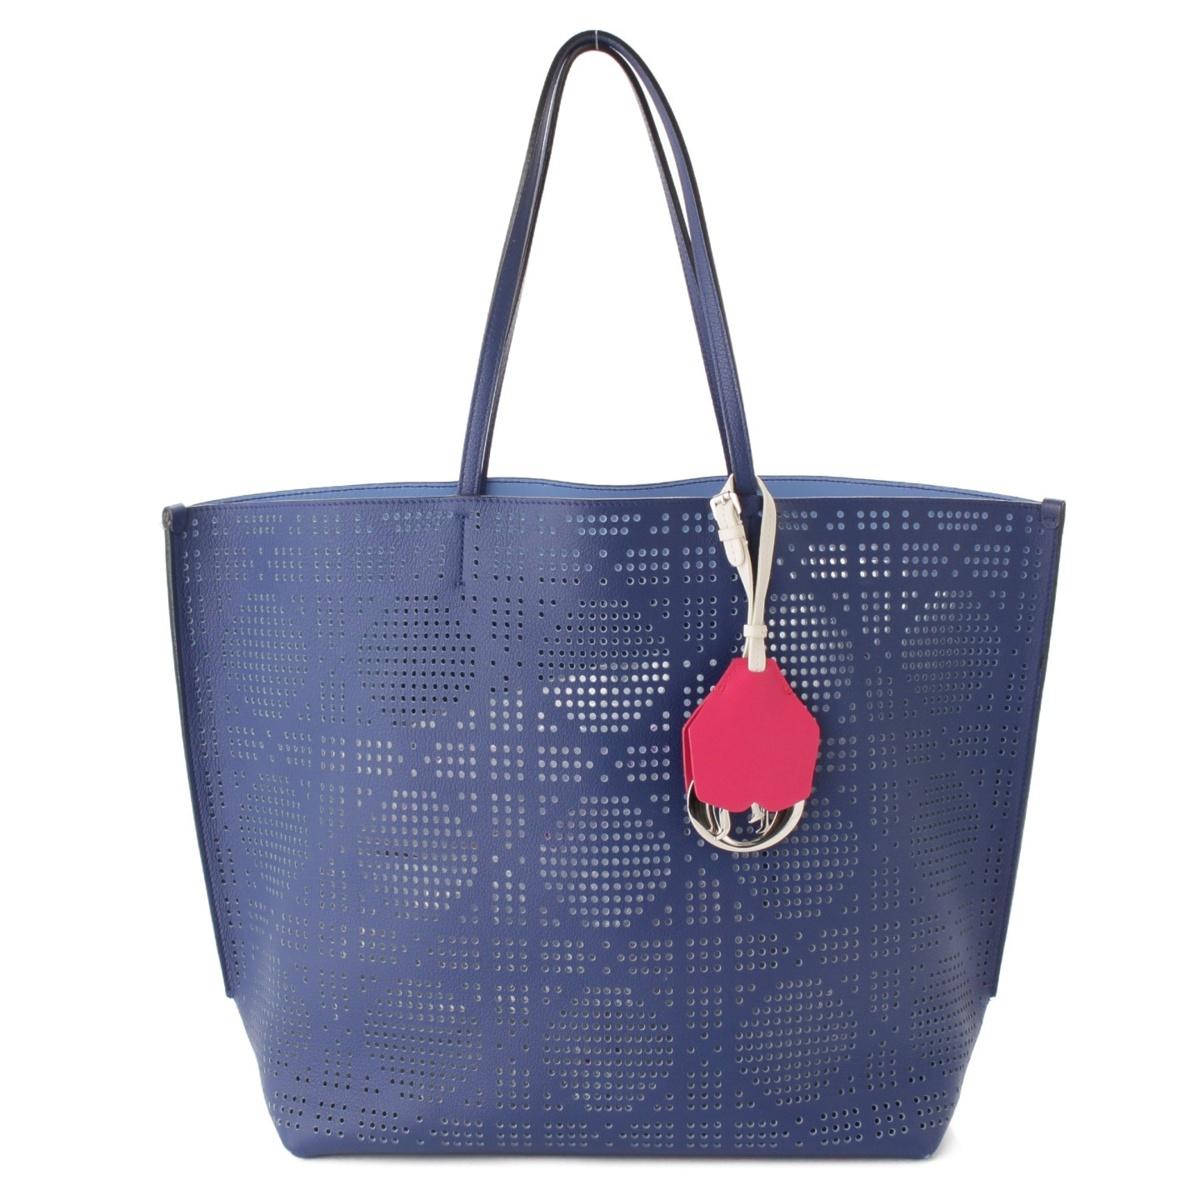 【クリスチャン ディオール】Christian Dior レザー パンチング トートバッグ ブルー 【中古】【鑑定済・正規品保証】56419